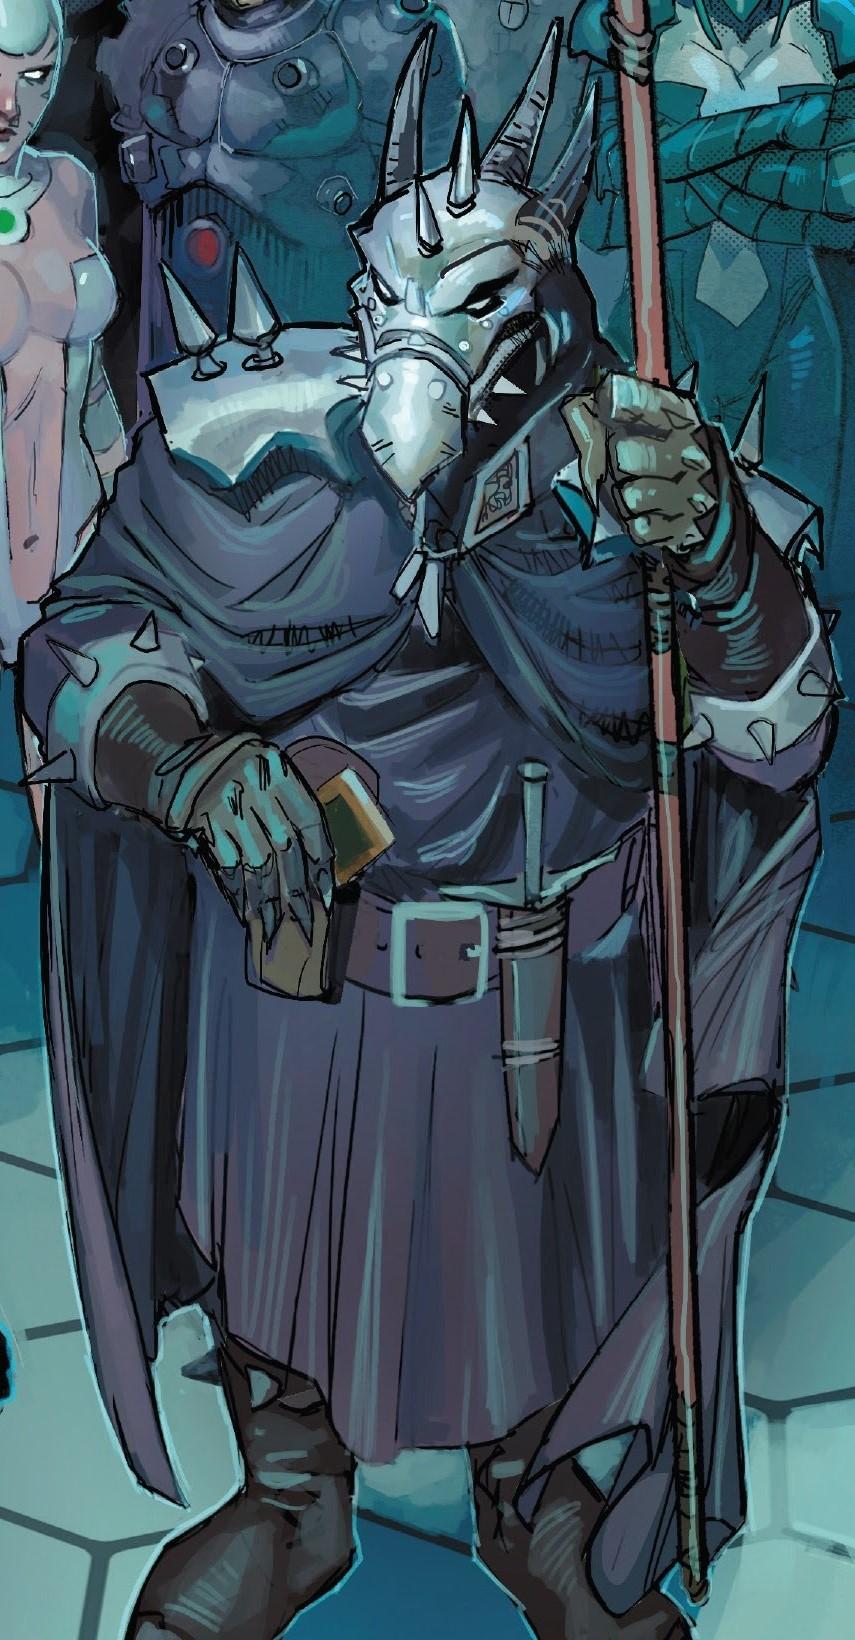 Black Cloak II (Earth-616)